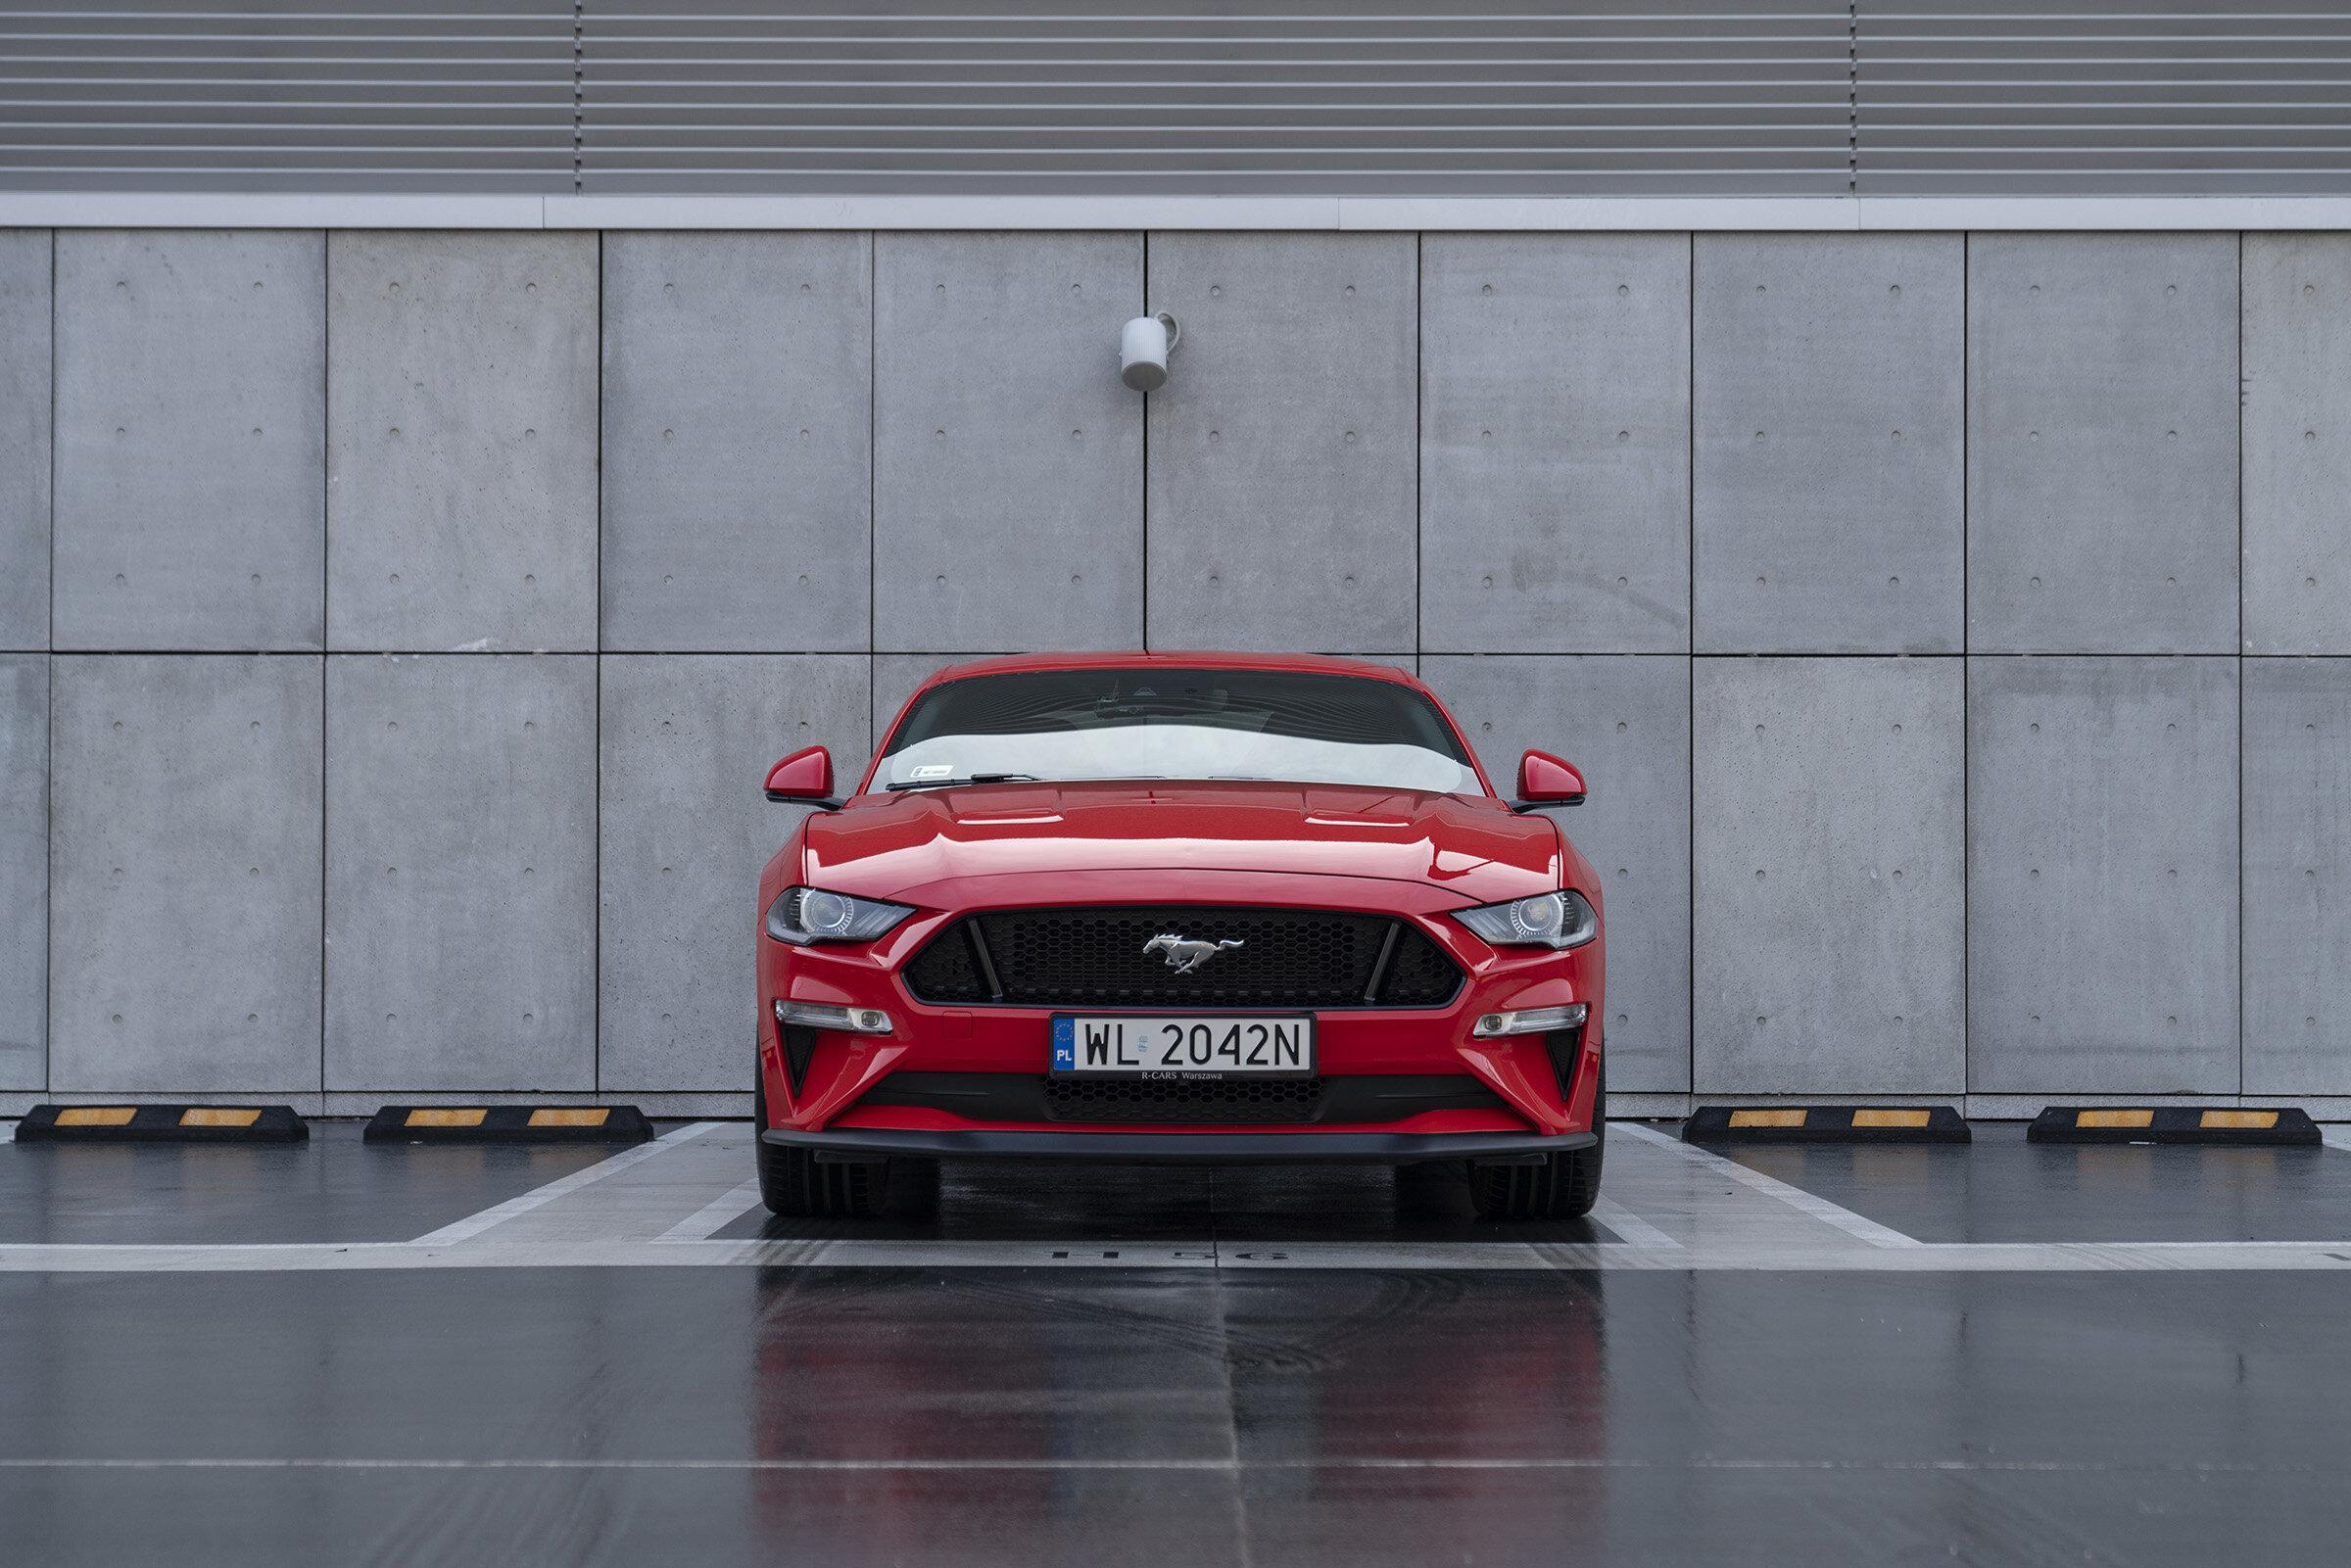 Randka w ciemno w Fordzie Mustangu – marzenia się spełniają!